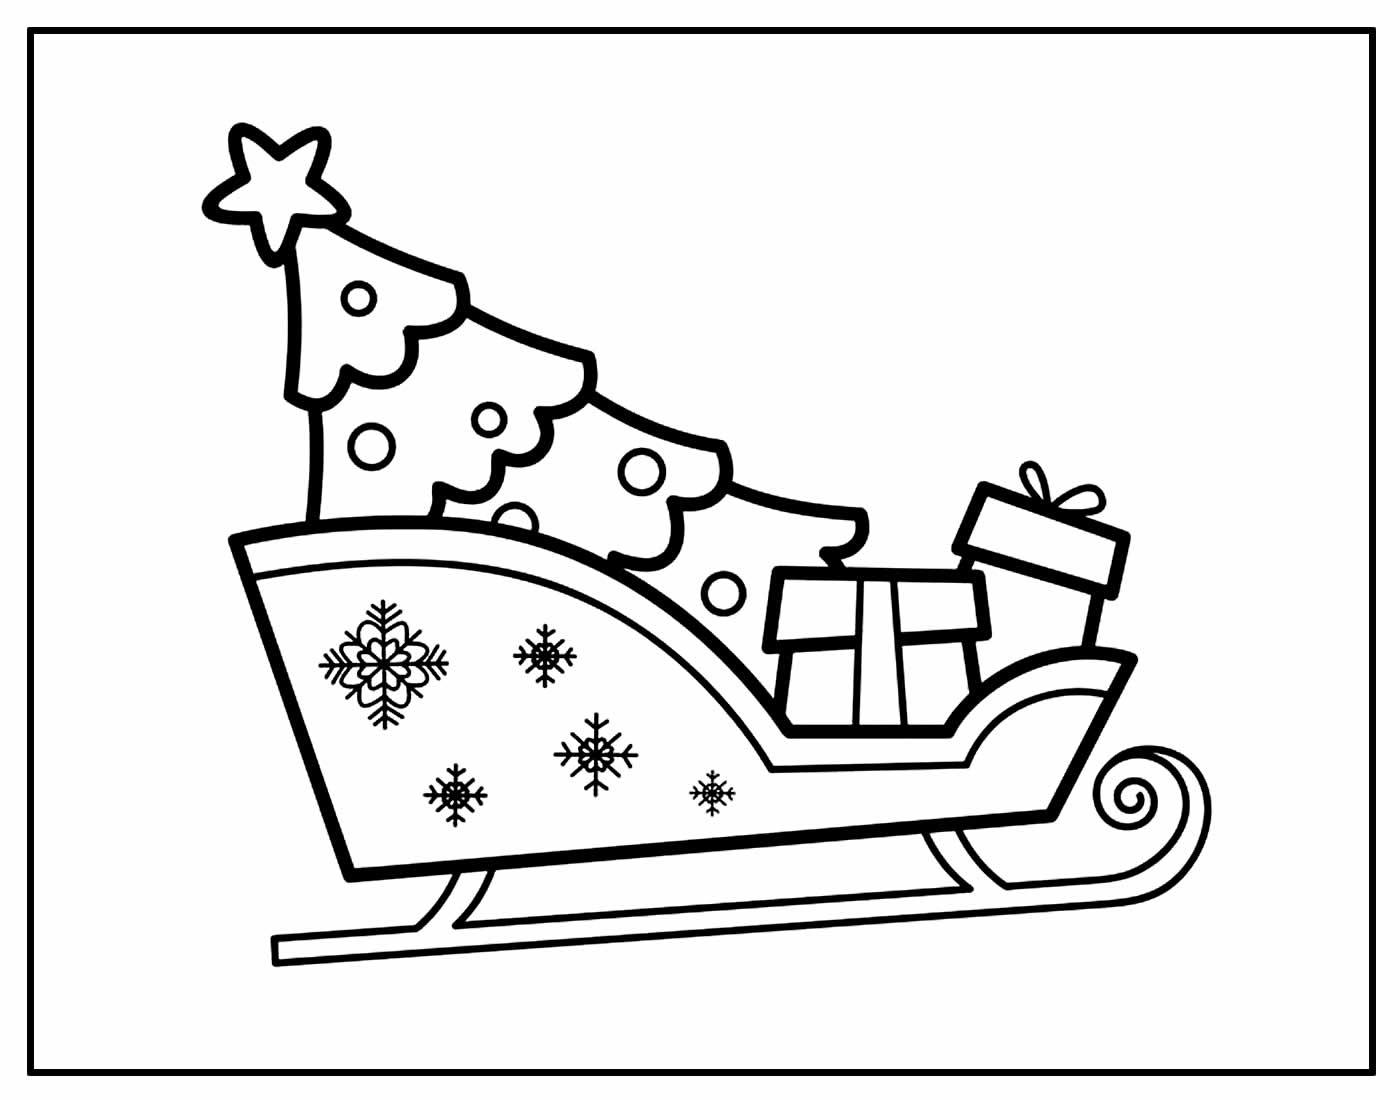 Páginas para colorir de Papai Noel